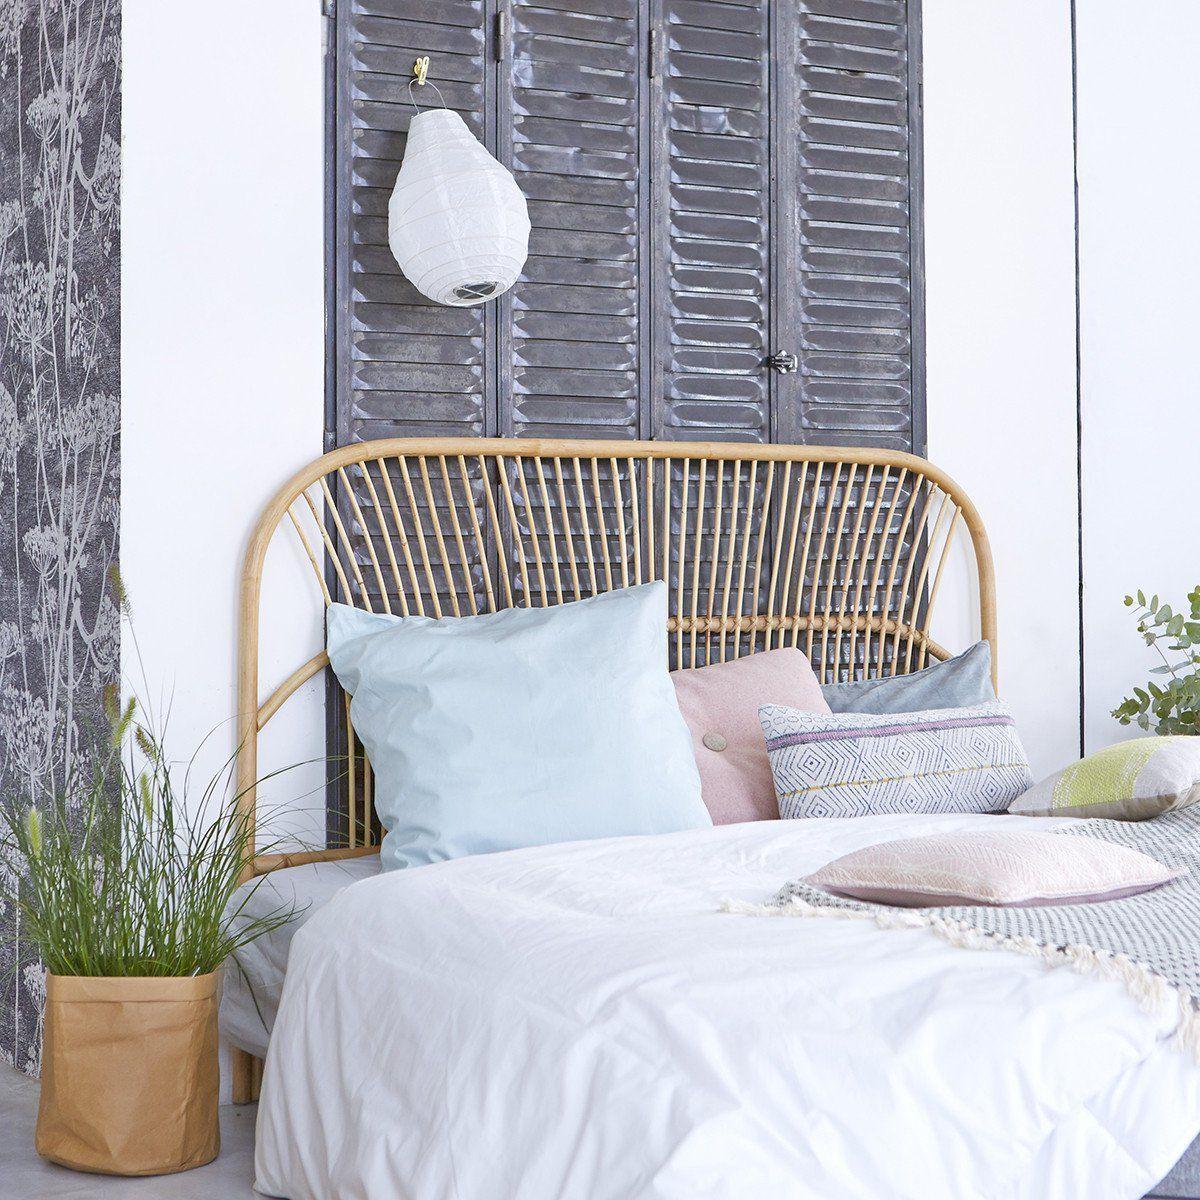 Testata Letto Rattan.35 Stunning And Enjoyable Sunroom Design Ideas Sunroomideas